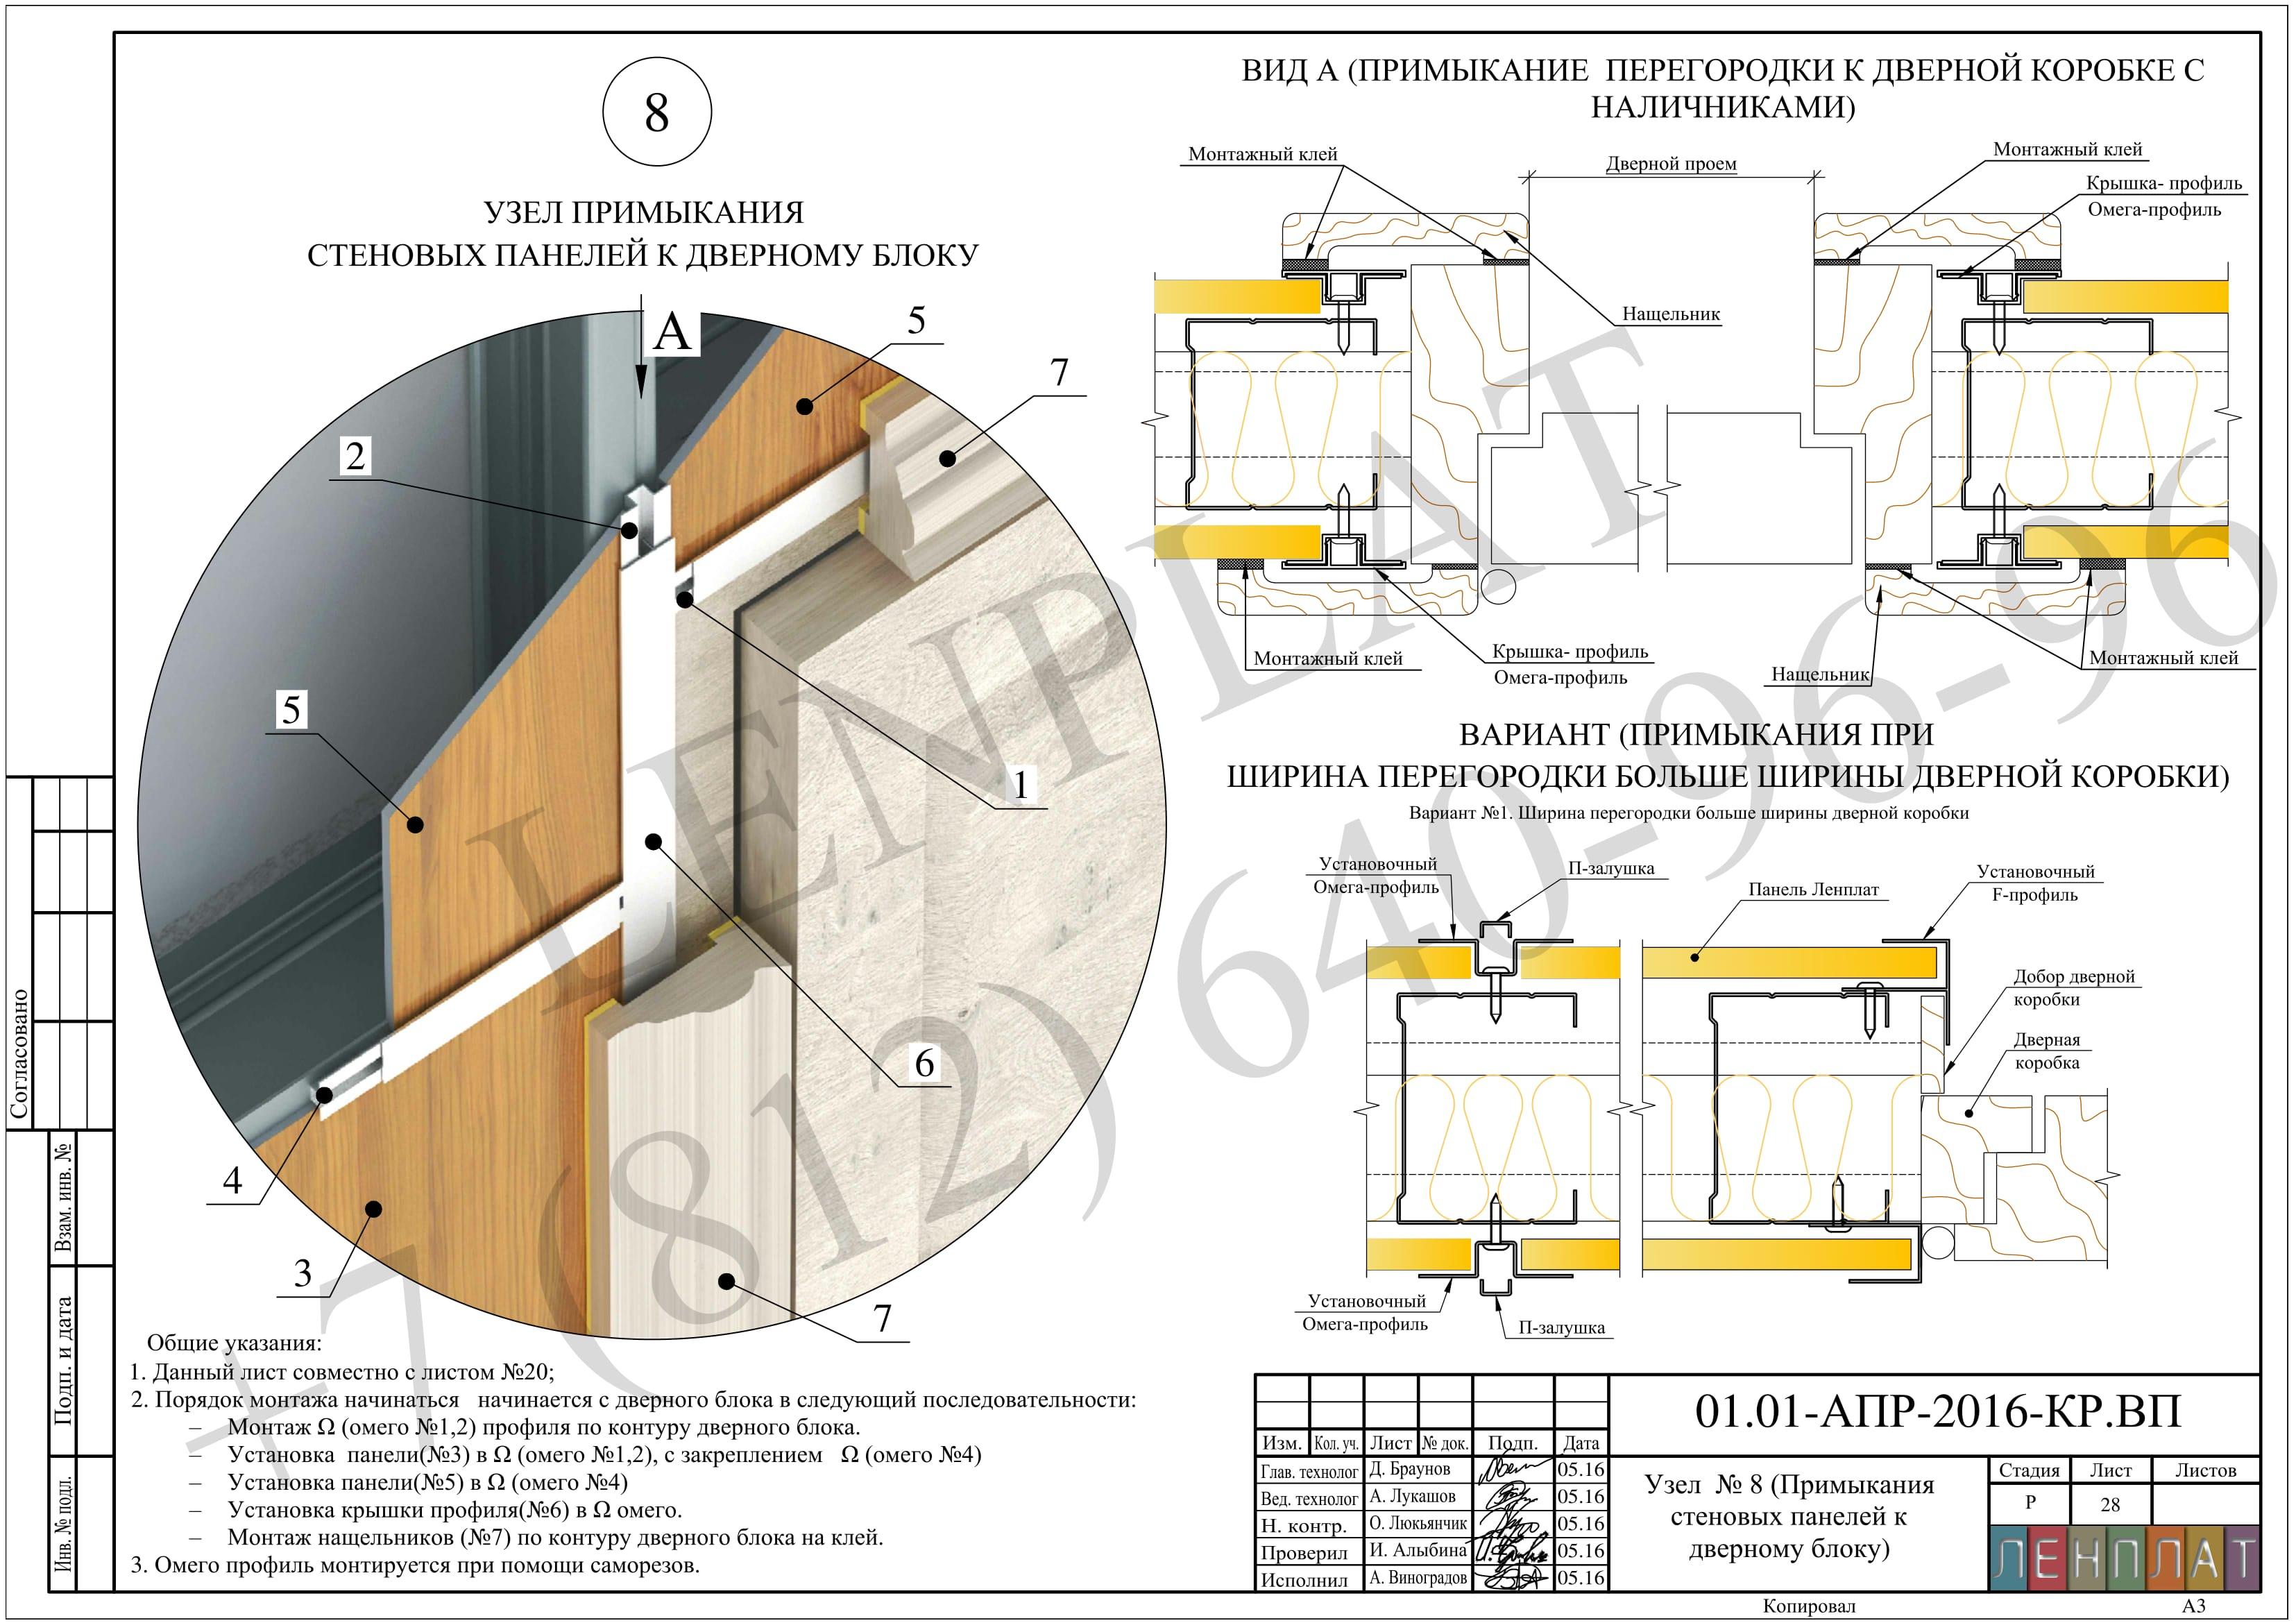 узел примыкания стеновых панелей к дверному блоку